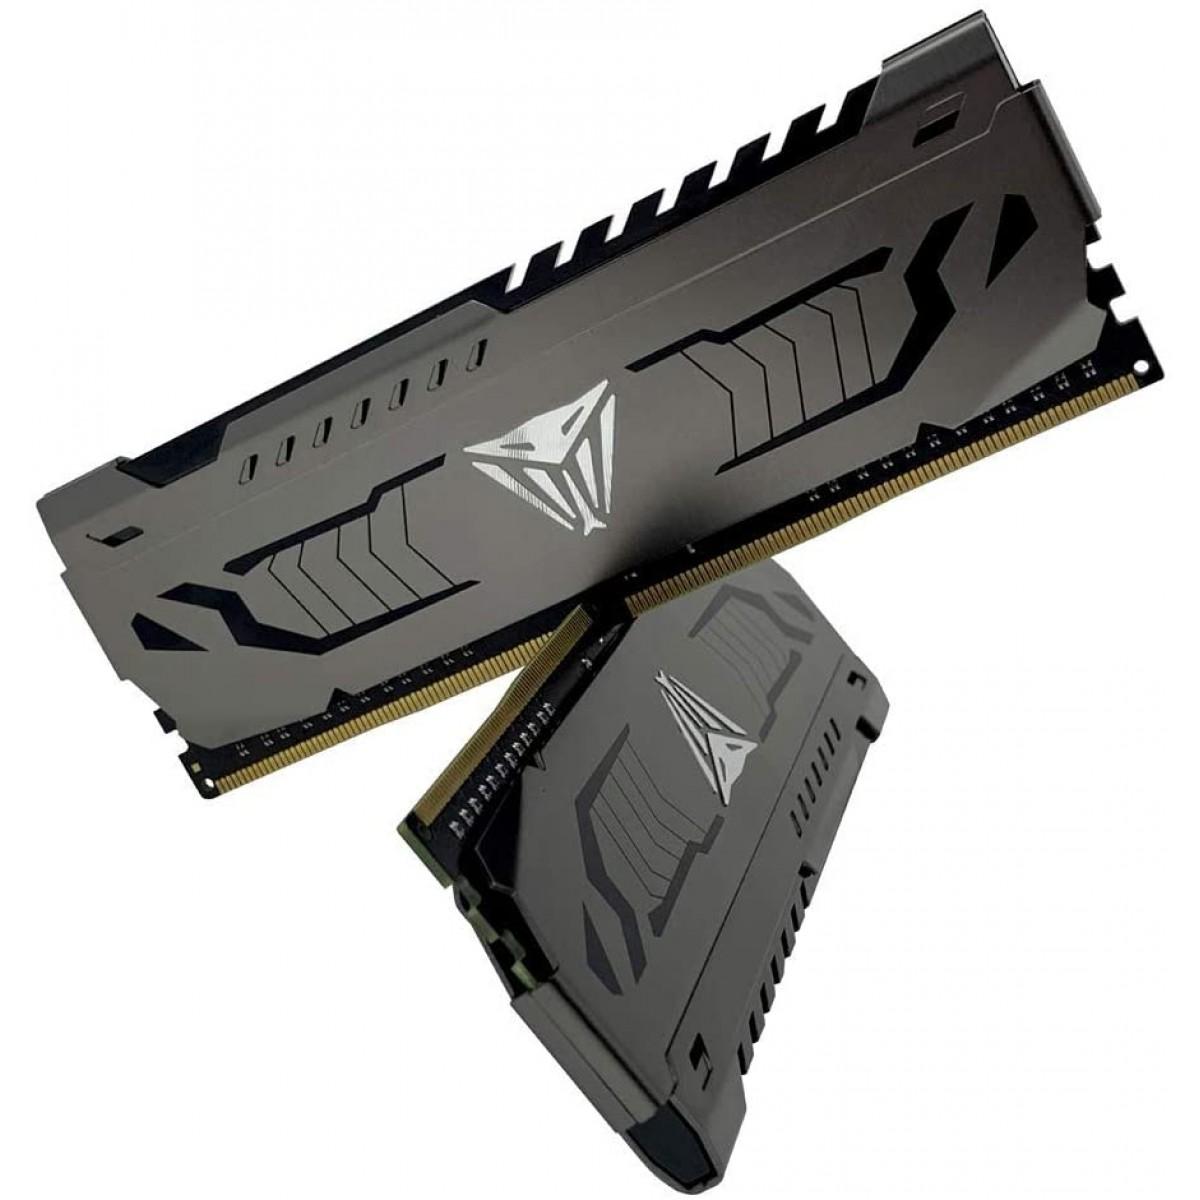 Memória DDR4 Patriot Viper Steel, 16GB (2x8GB) 3600MHz, Black, PVS416G360C8K